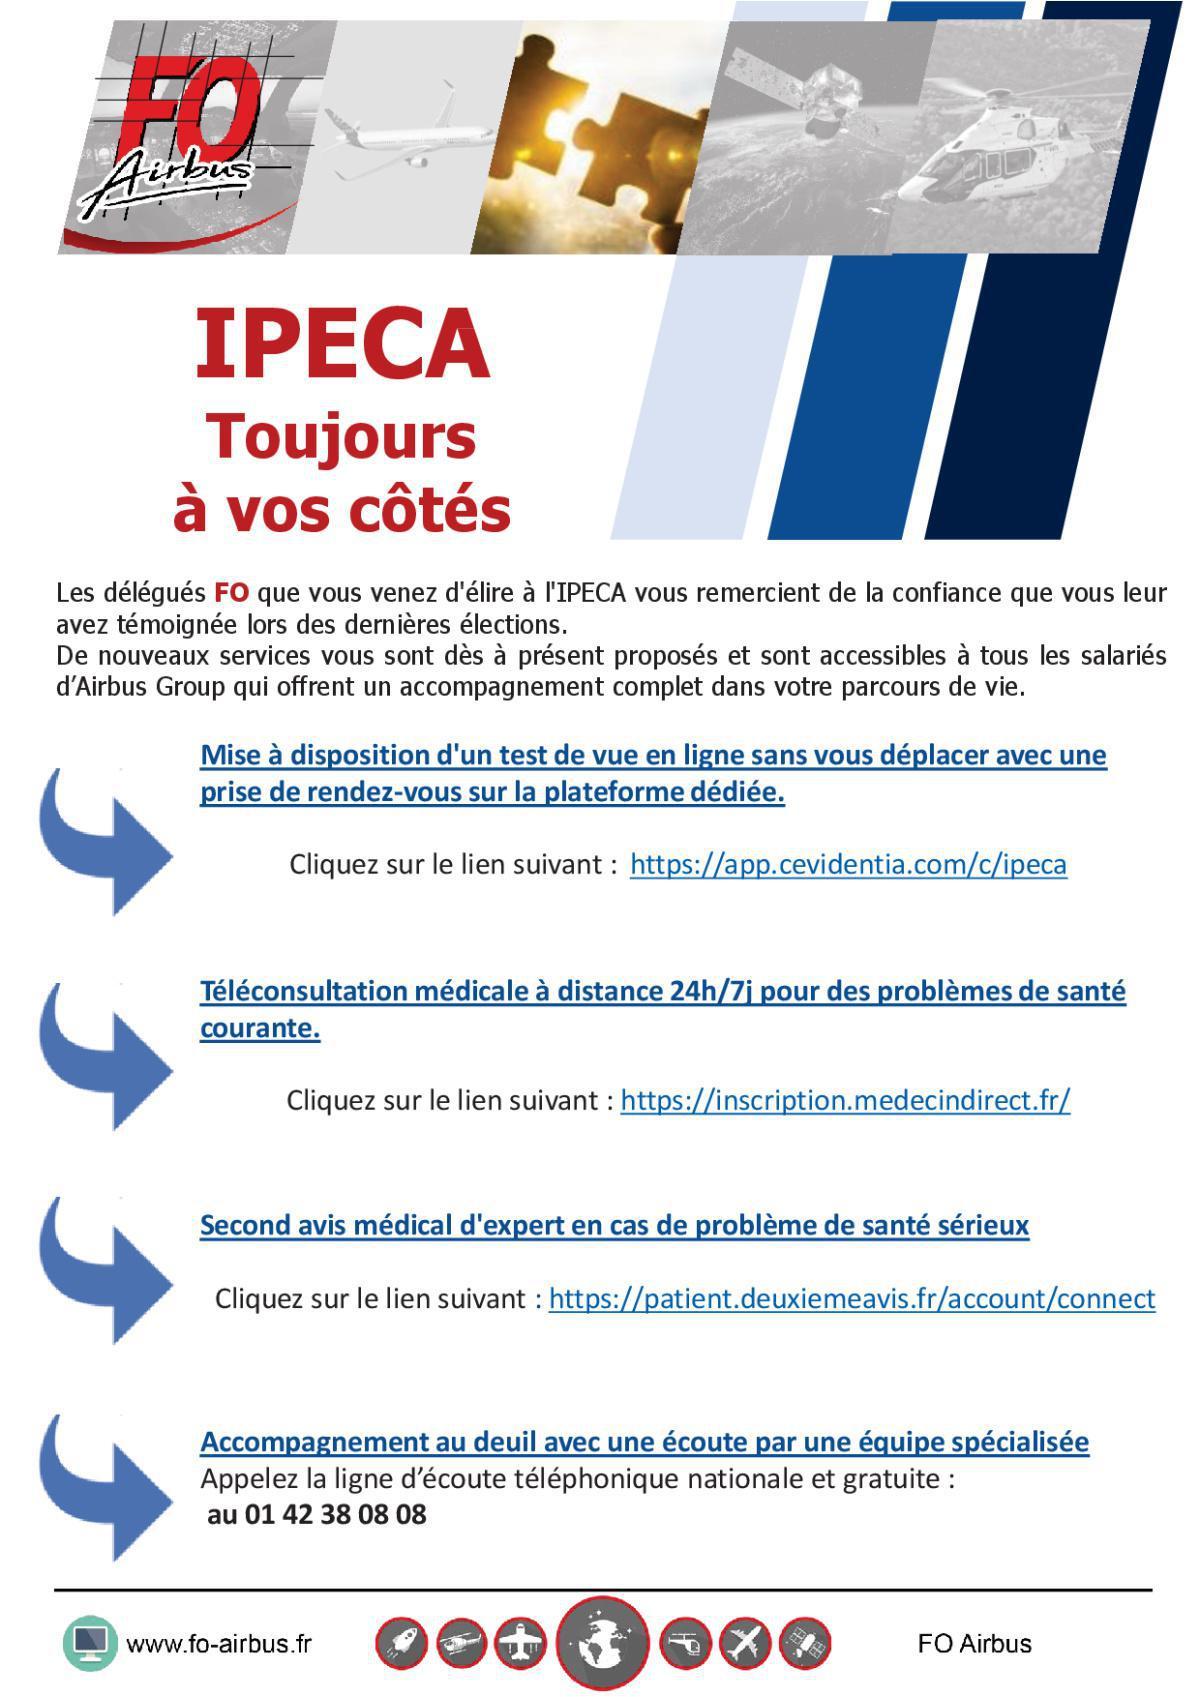 IPECA – Toujours à vos côtés